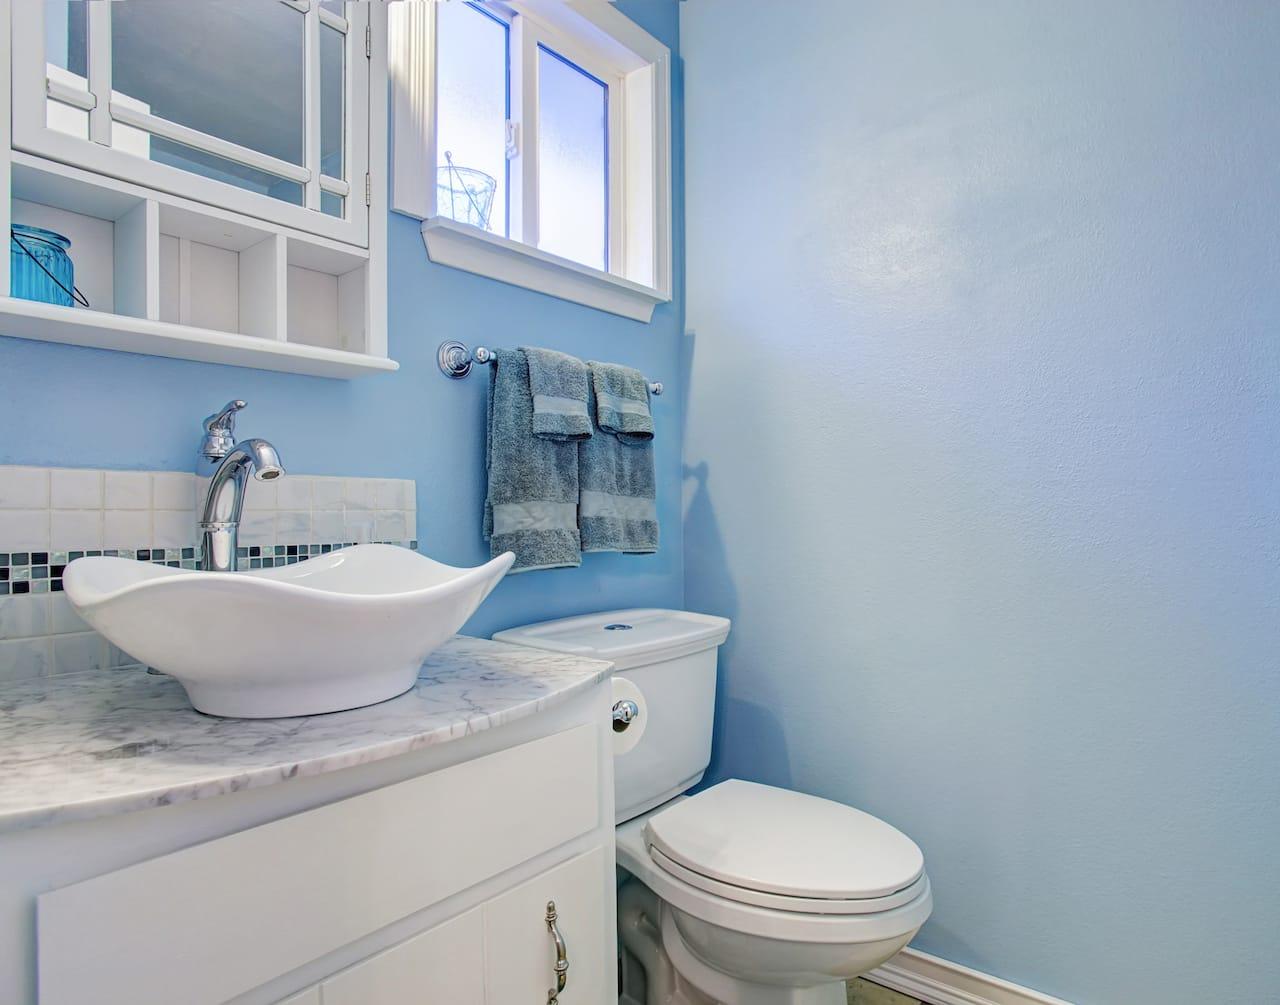 コンテンポラリー風水 コラム 浴室 風呂 青 ブルー